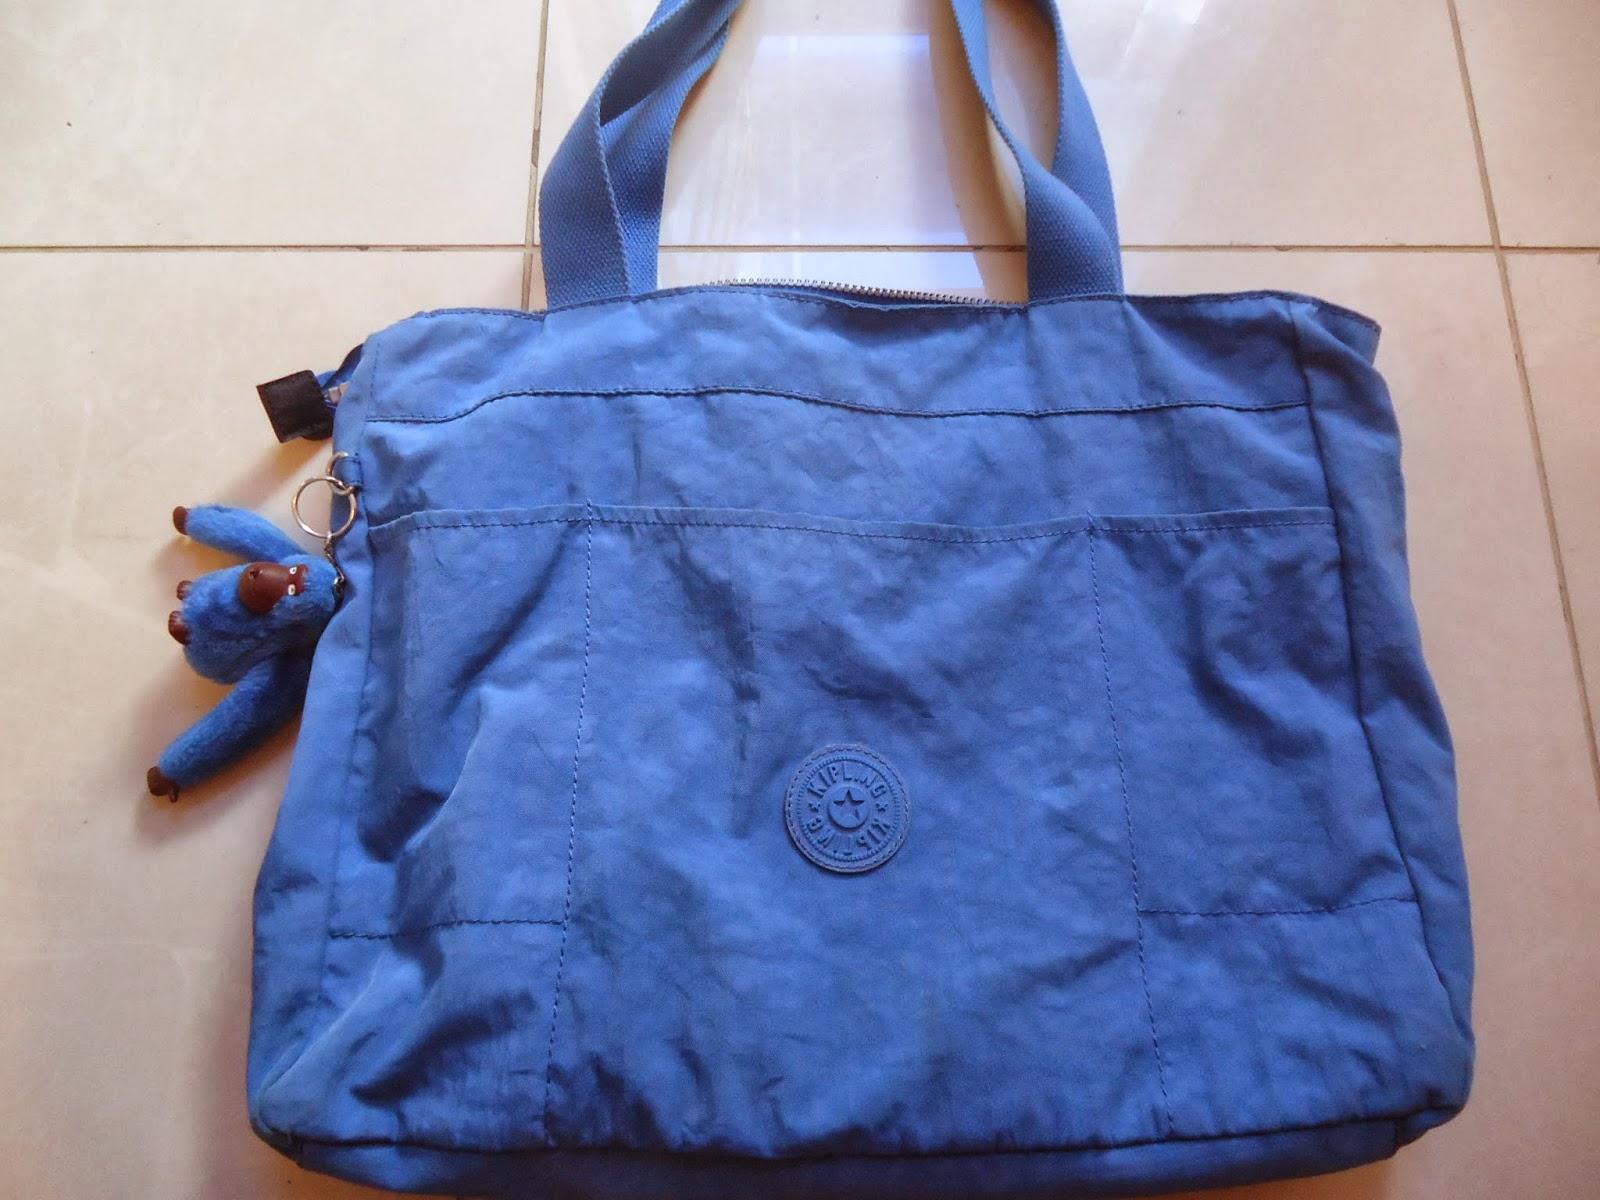 fc144156a Bazar Desapega: Bolsa Kipling de Ombro Azul